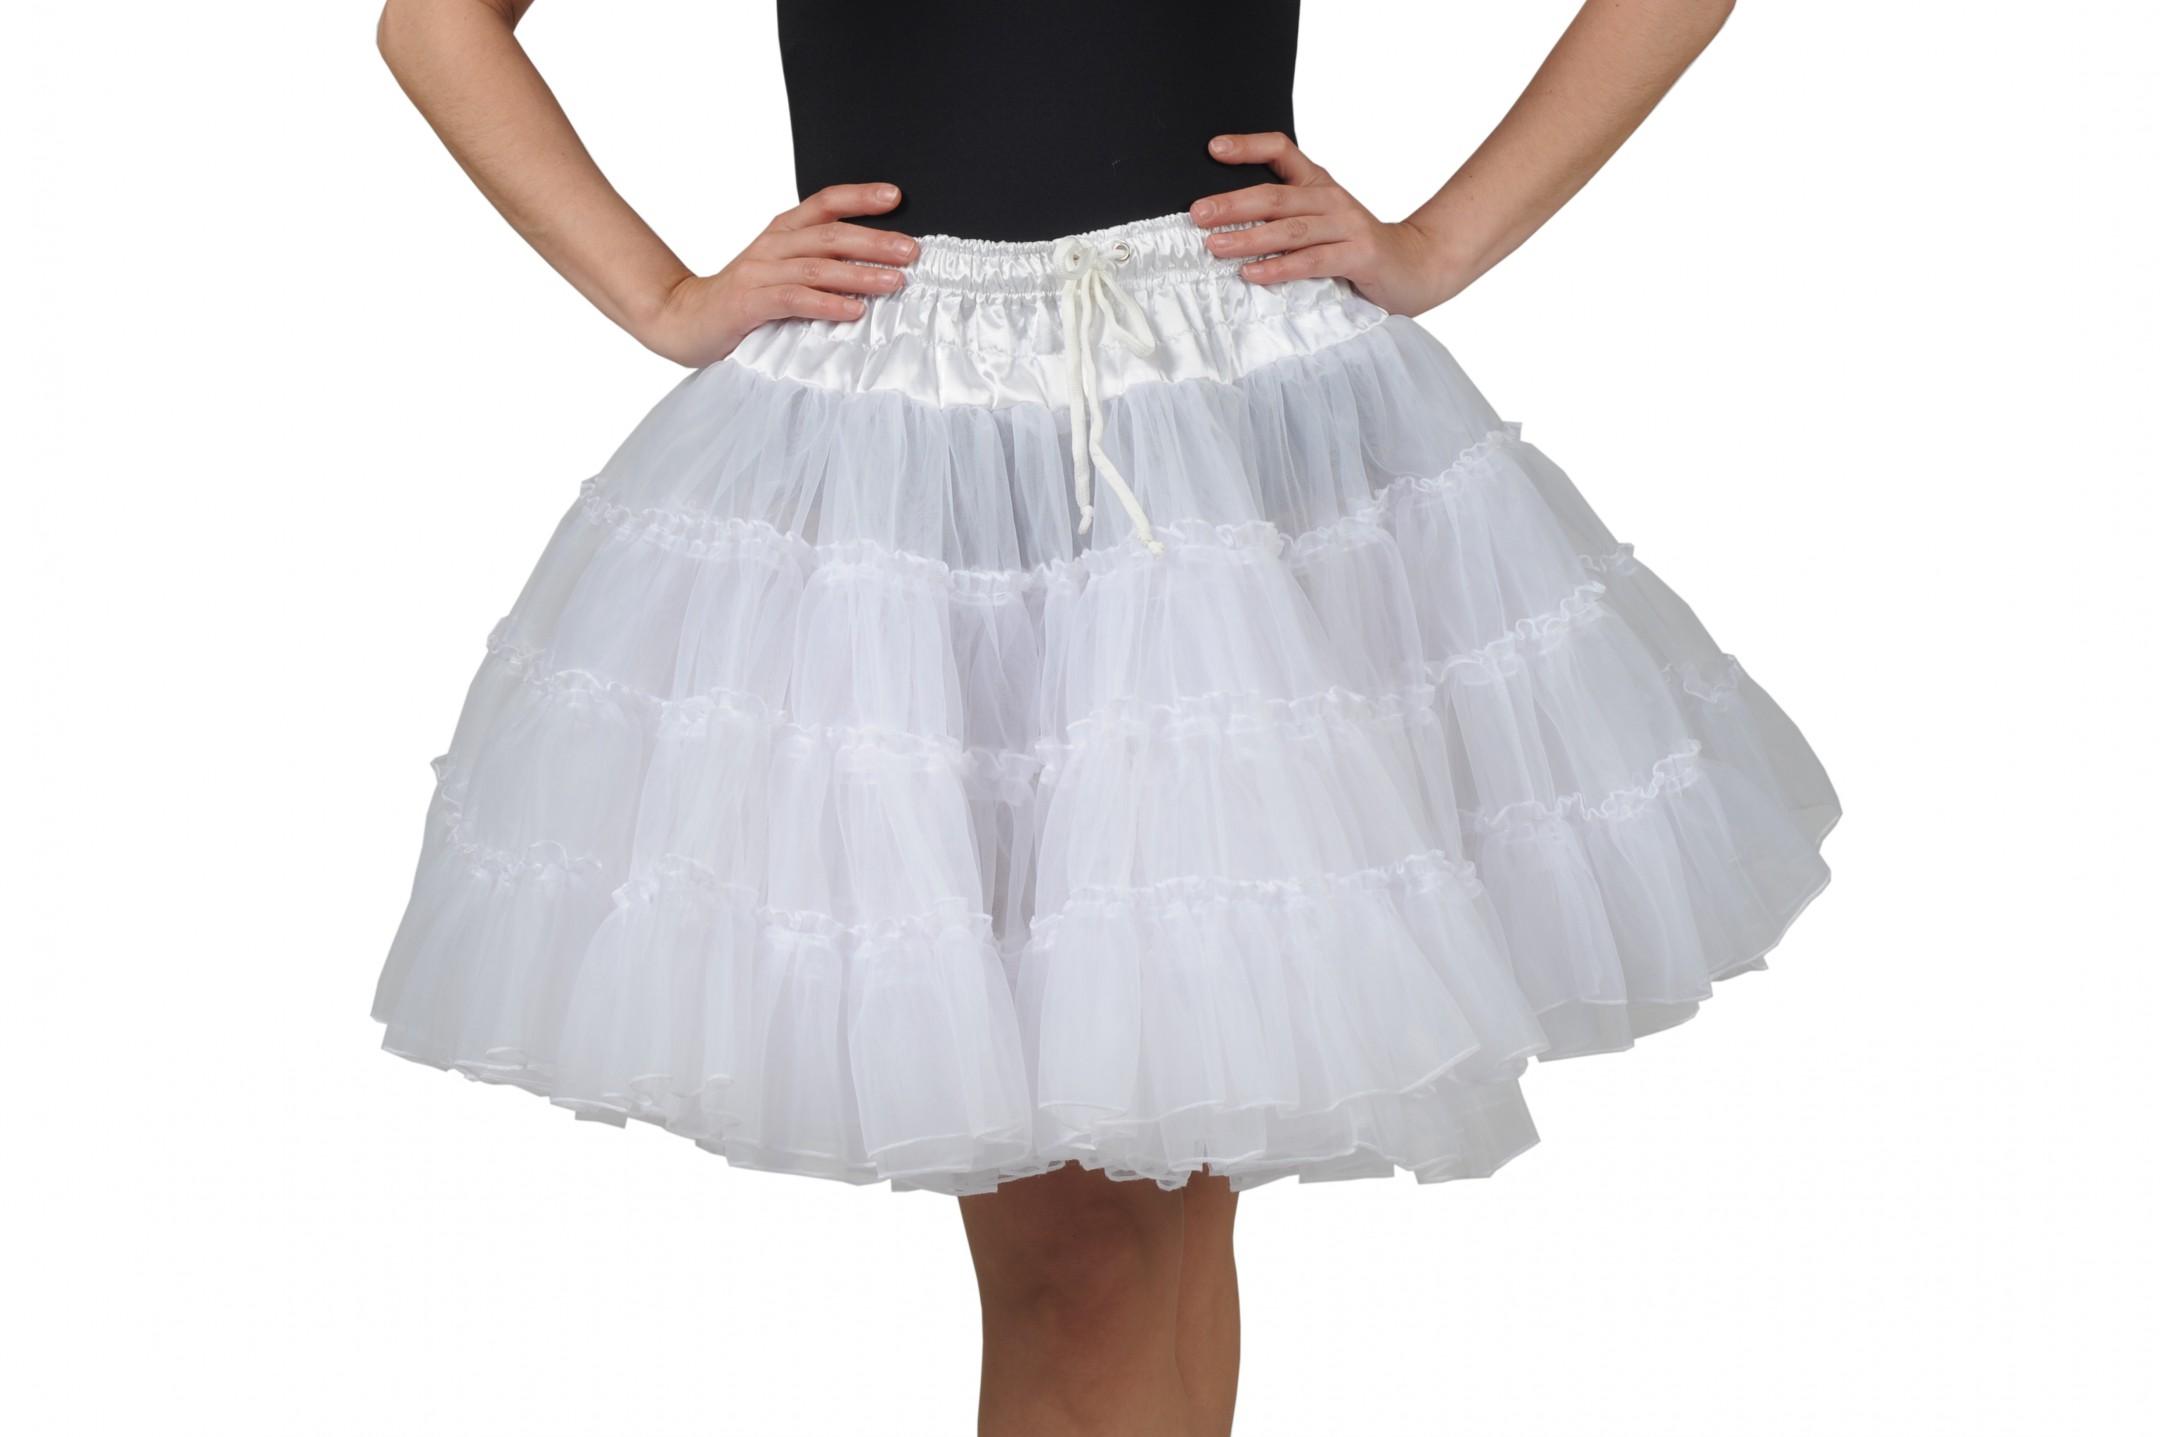 Petticoat deluxe 3 lagen wit-0